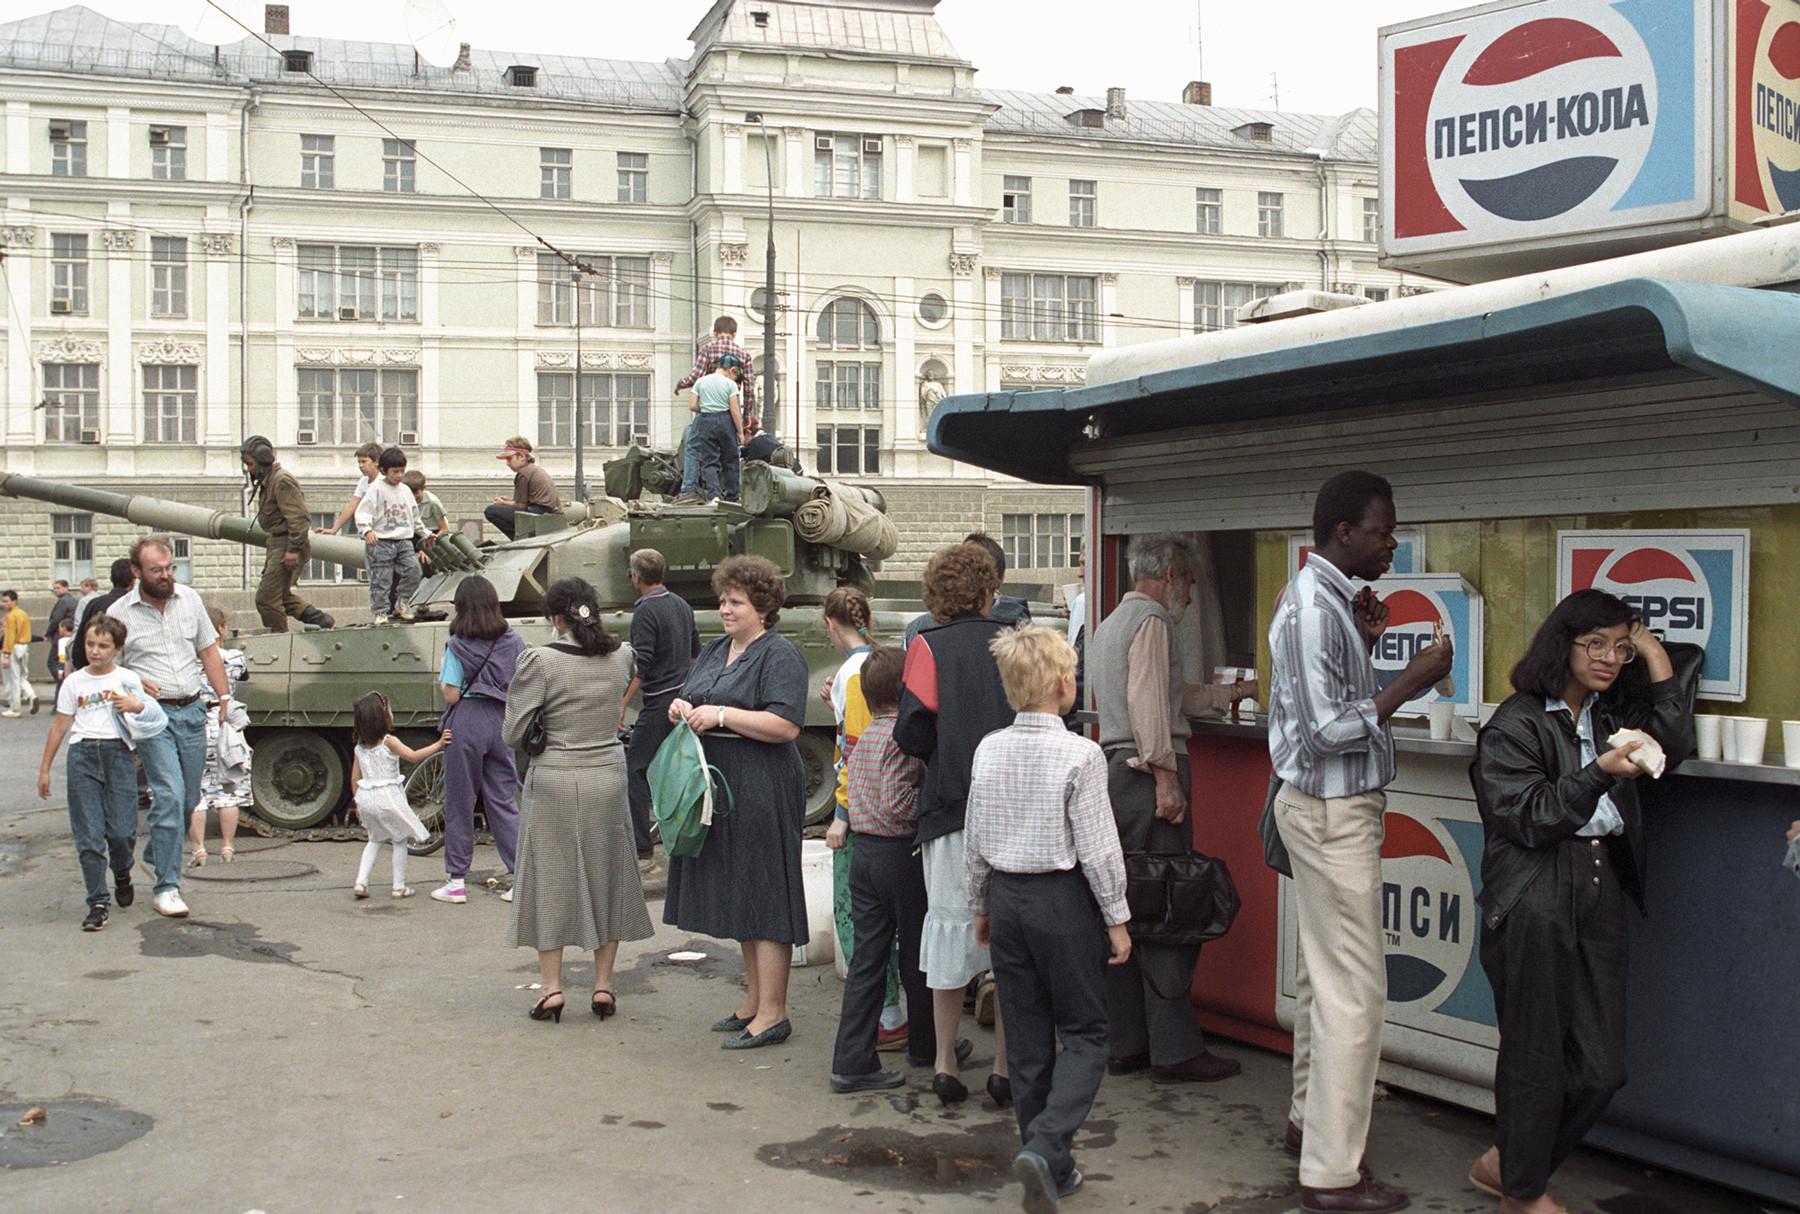 Тенк на једној московској улици за време августовског пуча 1991. године